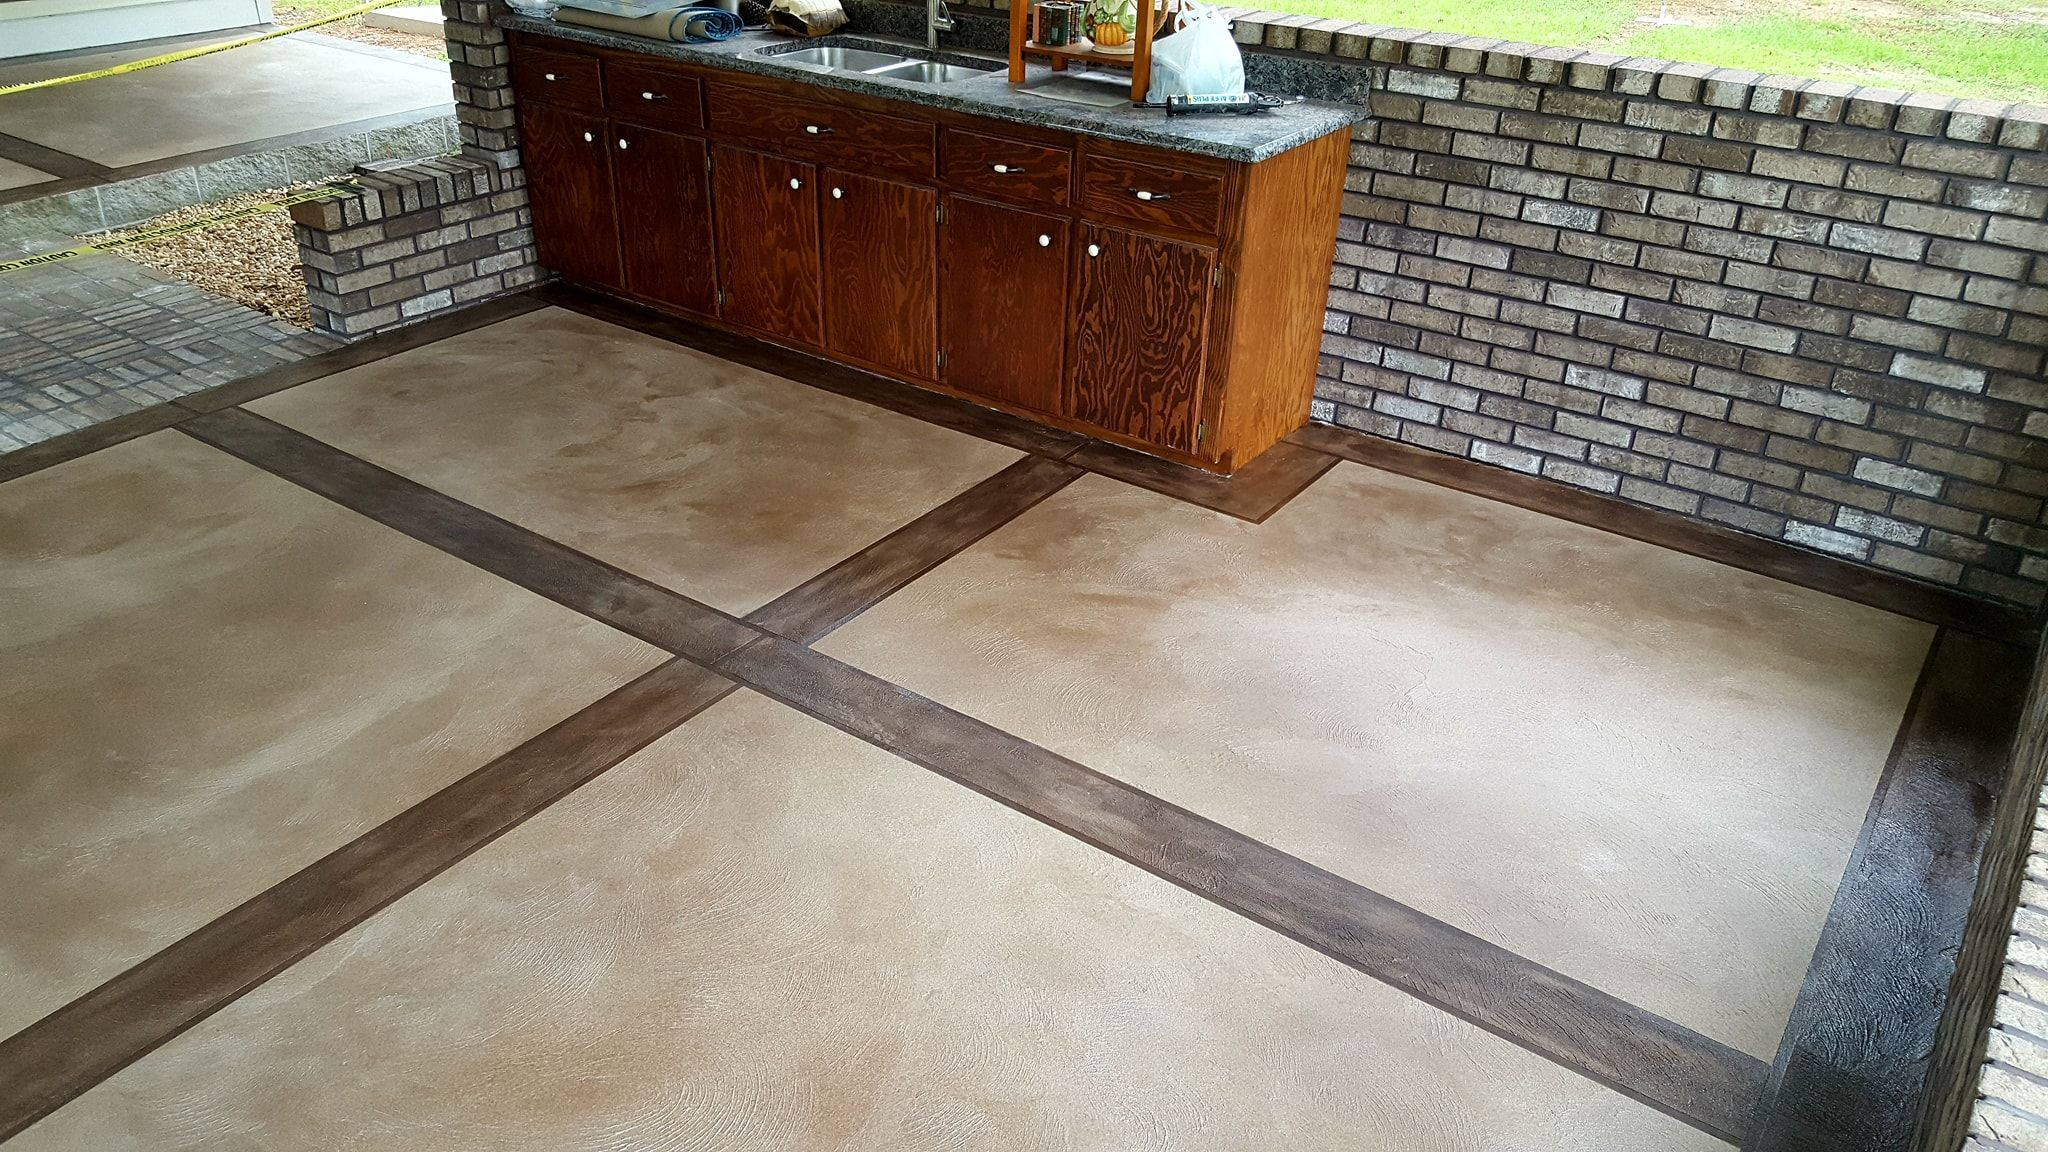 Cti Acrylistain System Concrete Decor Concrete Floors Decor